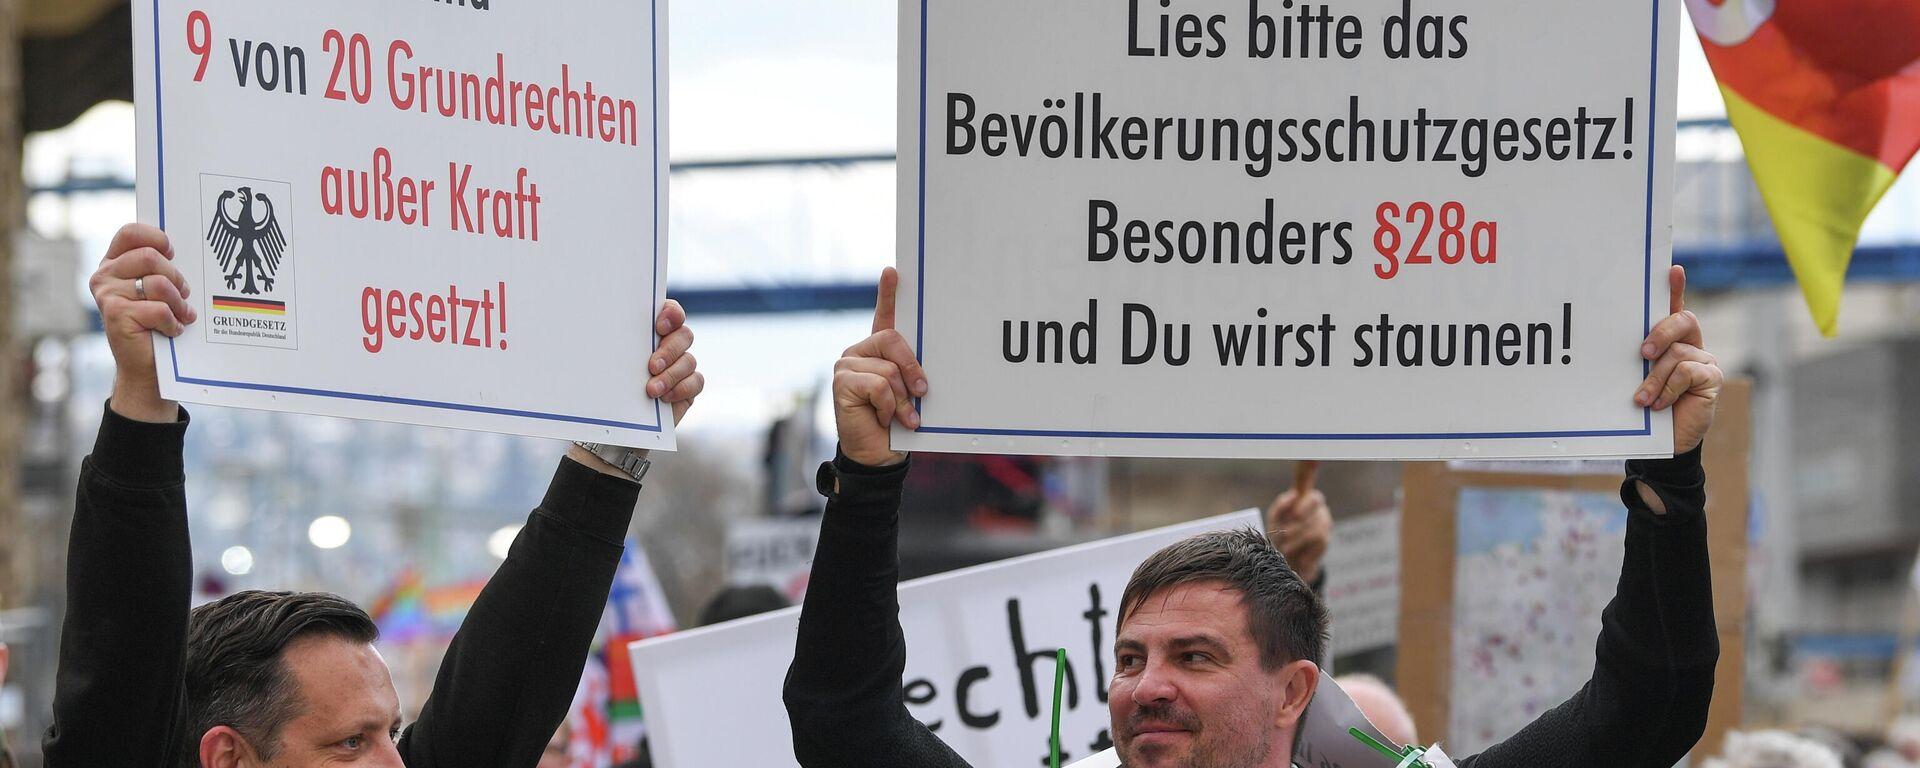 Proteste gegen Corona-Einschränkungen in Stuttgart, 3. April 2021 - SNA, 1920, 19.04.2021